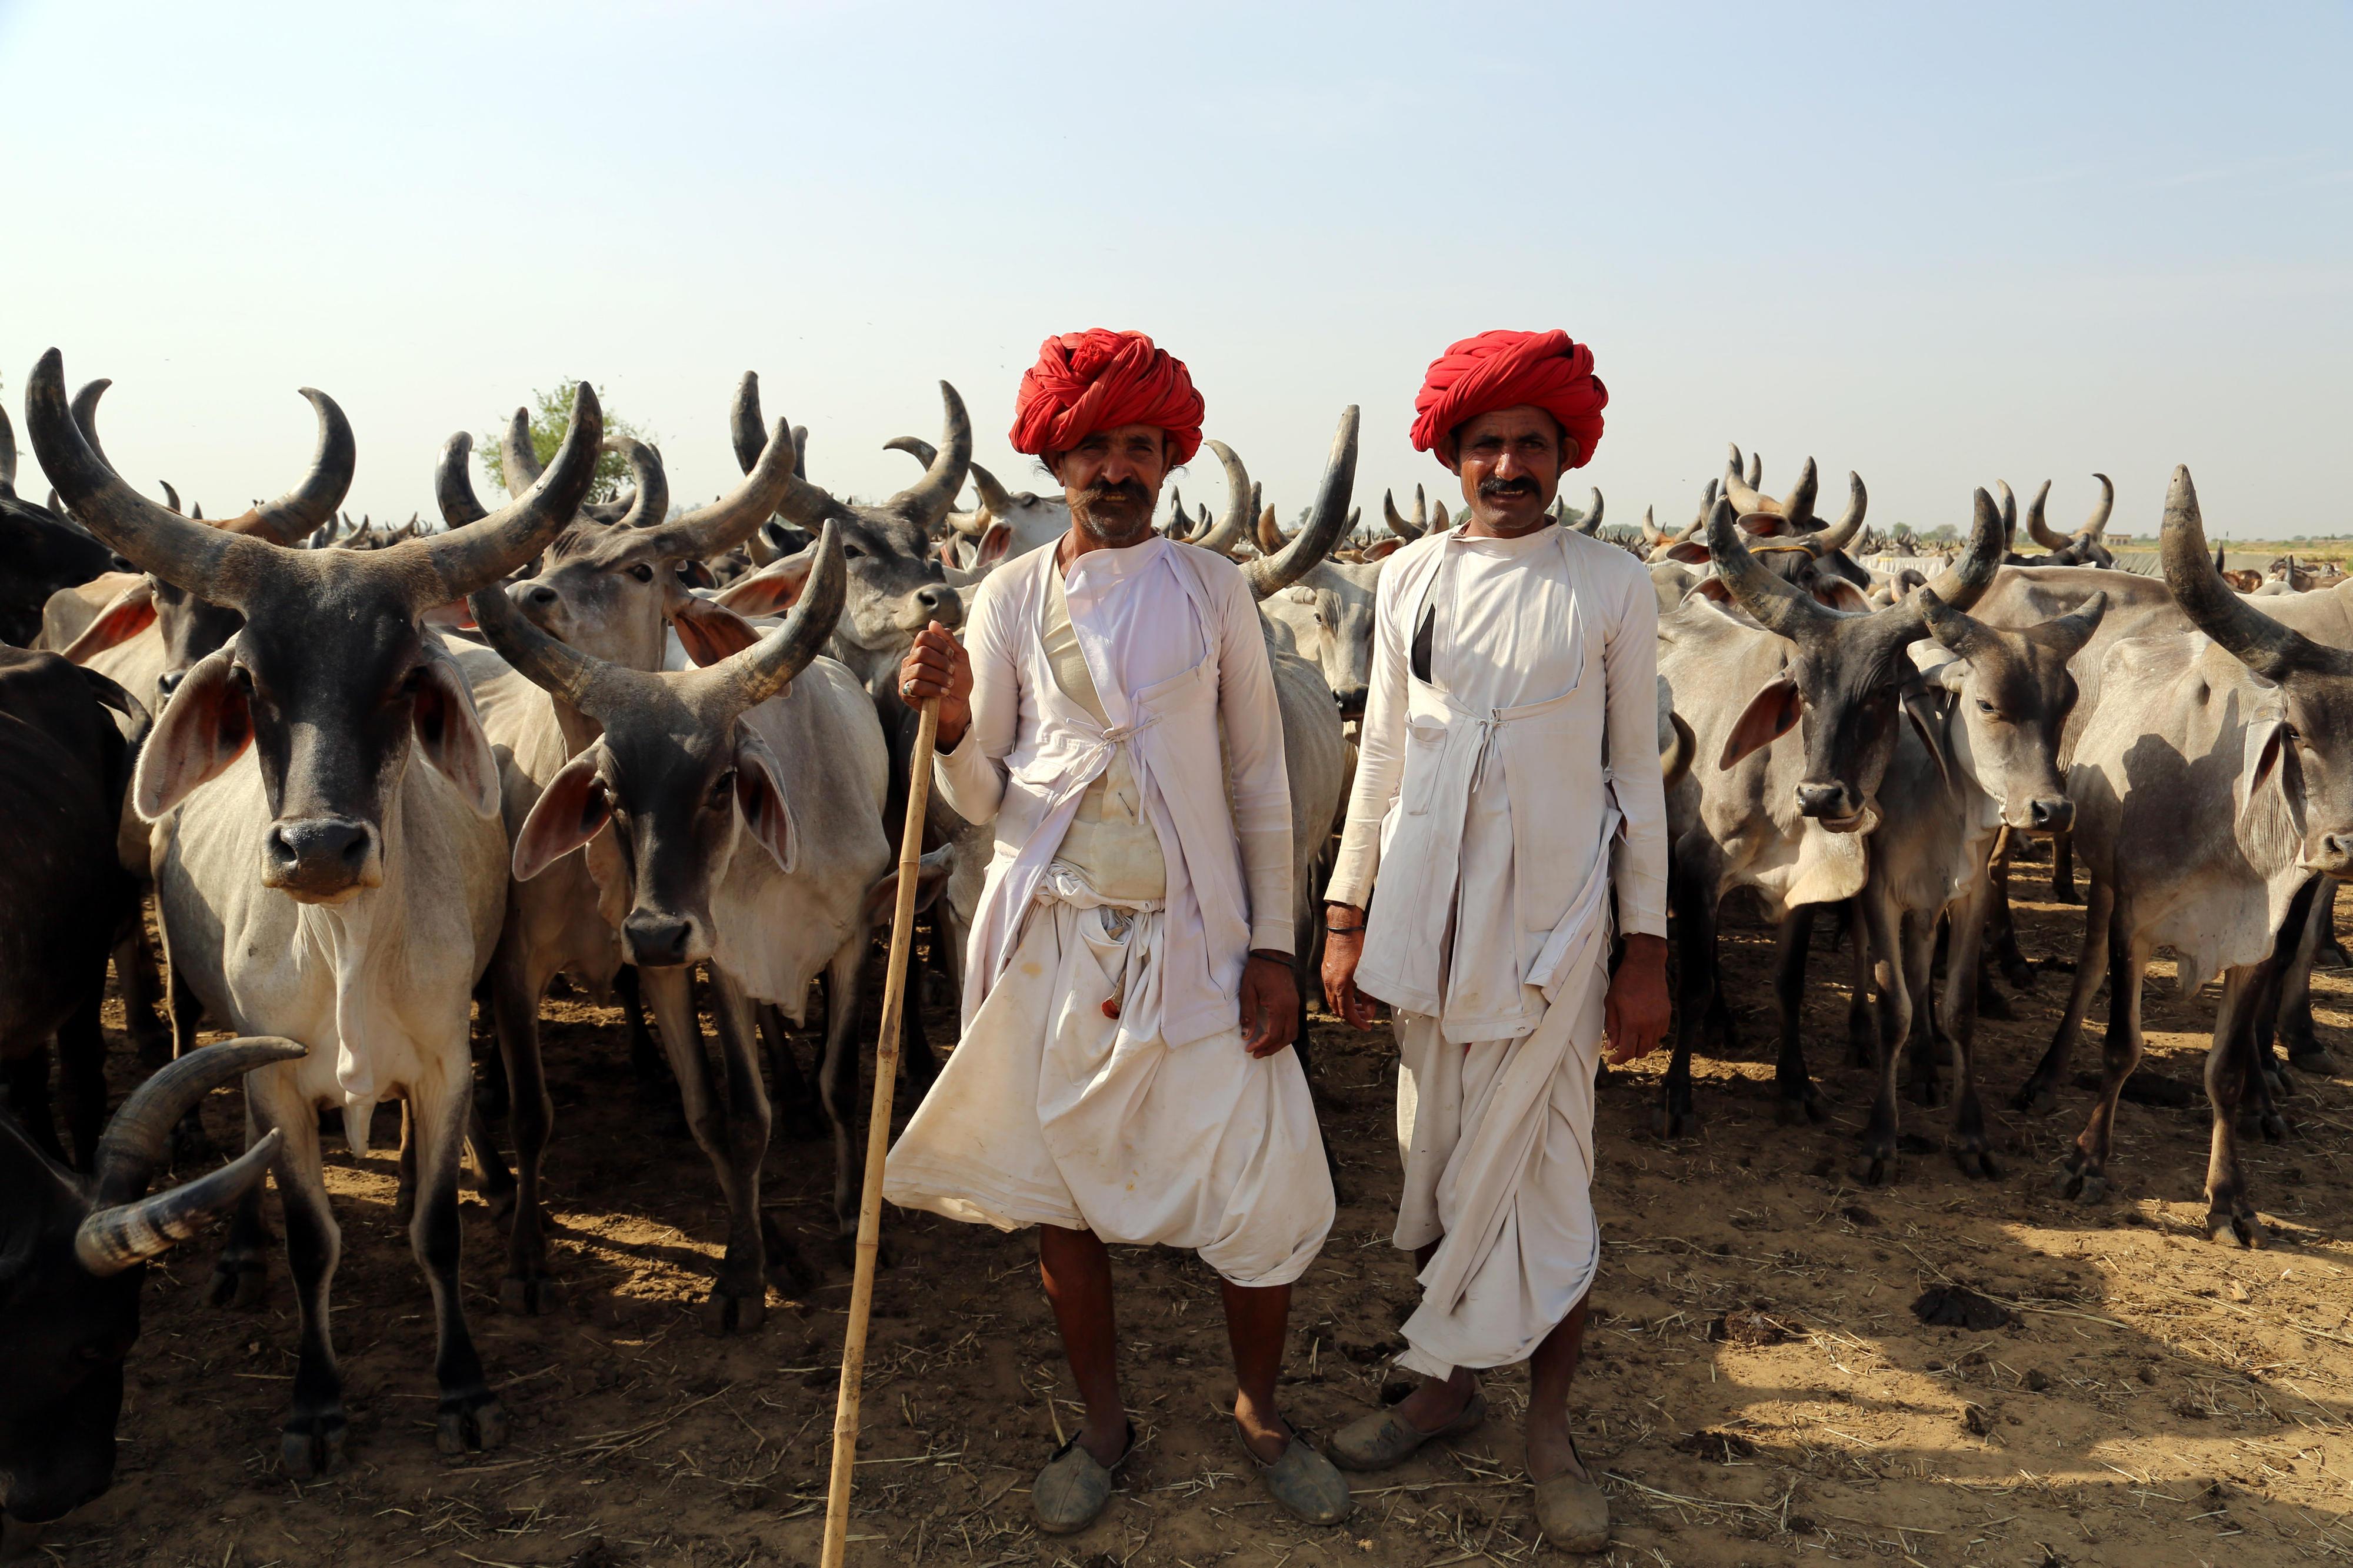 Die Raikas, eine nomadische Gemeinschaft in Rajasthan, treiben ihre Herden auf der Suche nach Wasser und Futter regelmäßig in wechselnde Weidegebiete, da es in der Region nur wenige und unregelmäßige Niederschläge und häufige Dürren gibt.